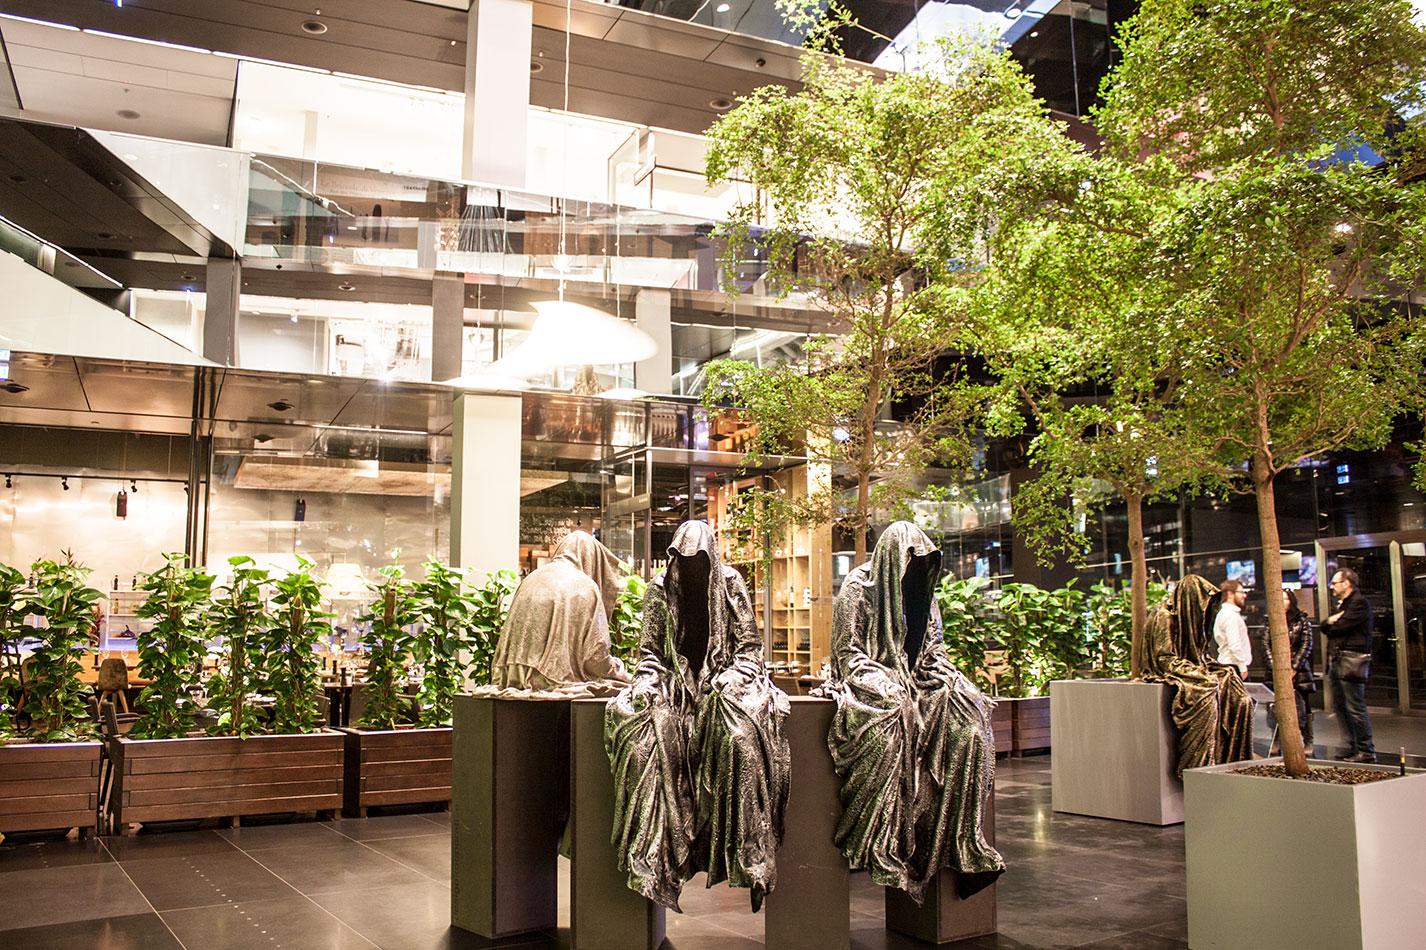 stilwerk-wien-design-tower-vienna-duekouba-designkooperation-guardians-of-time-manfred-kieli-kielnhofer-contemporary-fine-art-arts-design-installation-antique-show-4747